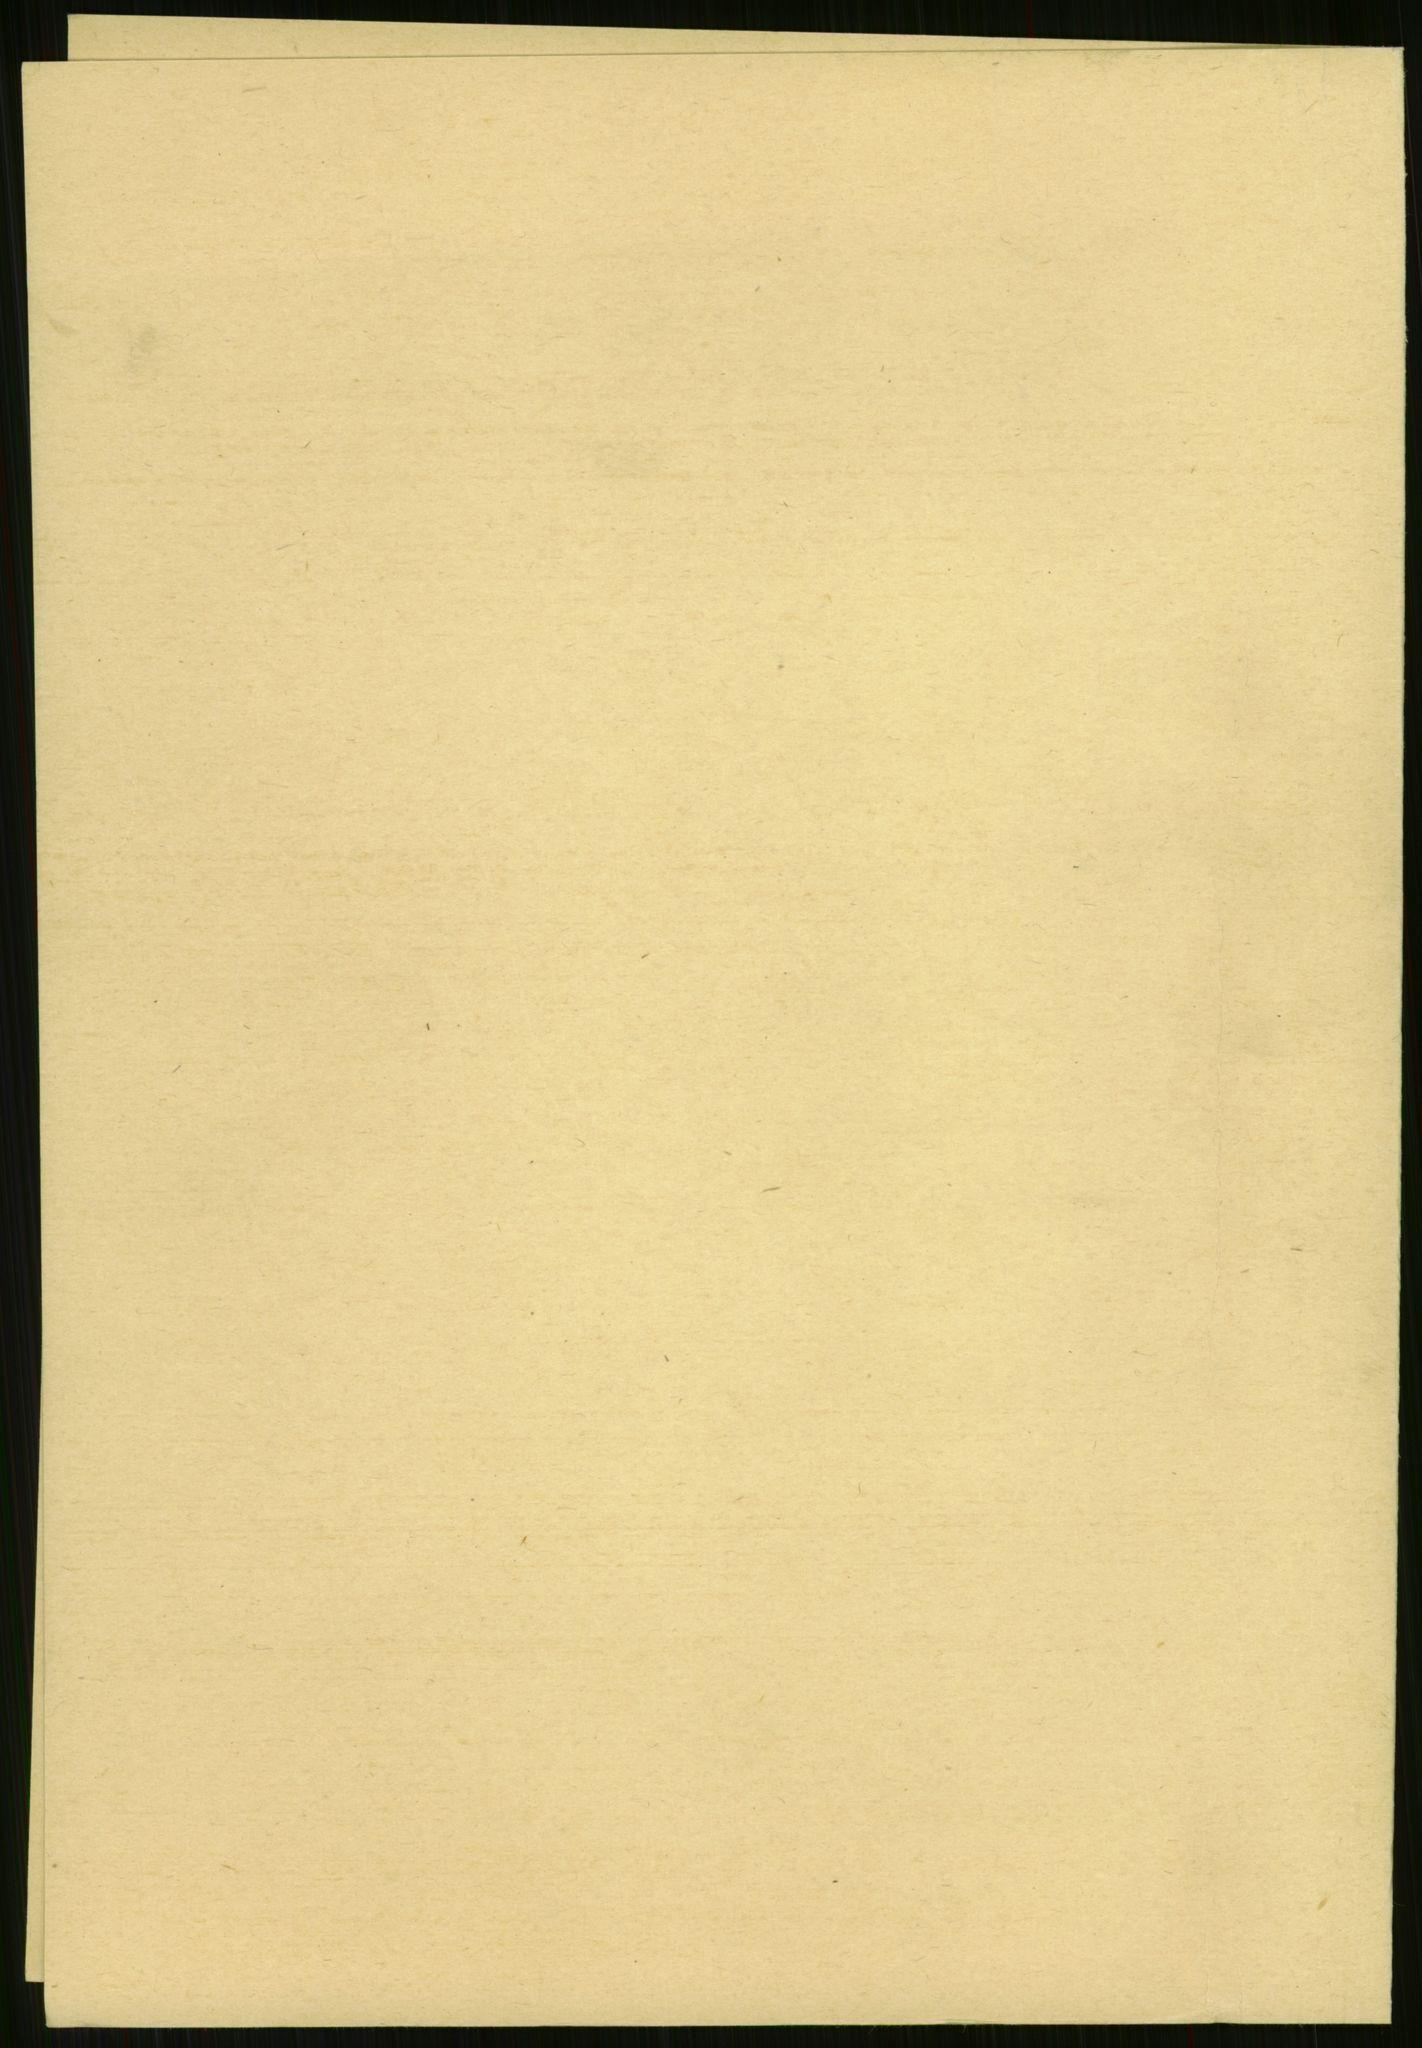 RA, Statspolitiet - Hovedkontoret / Osloavdelingen, F/L0091: Beslaglagt litteratur, 1941-1943, p. 2